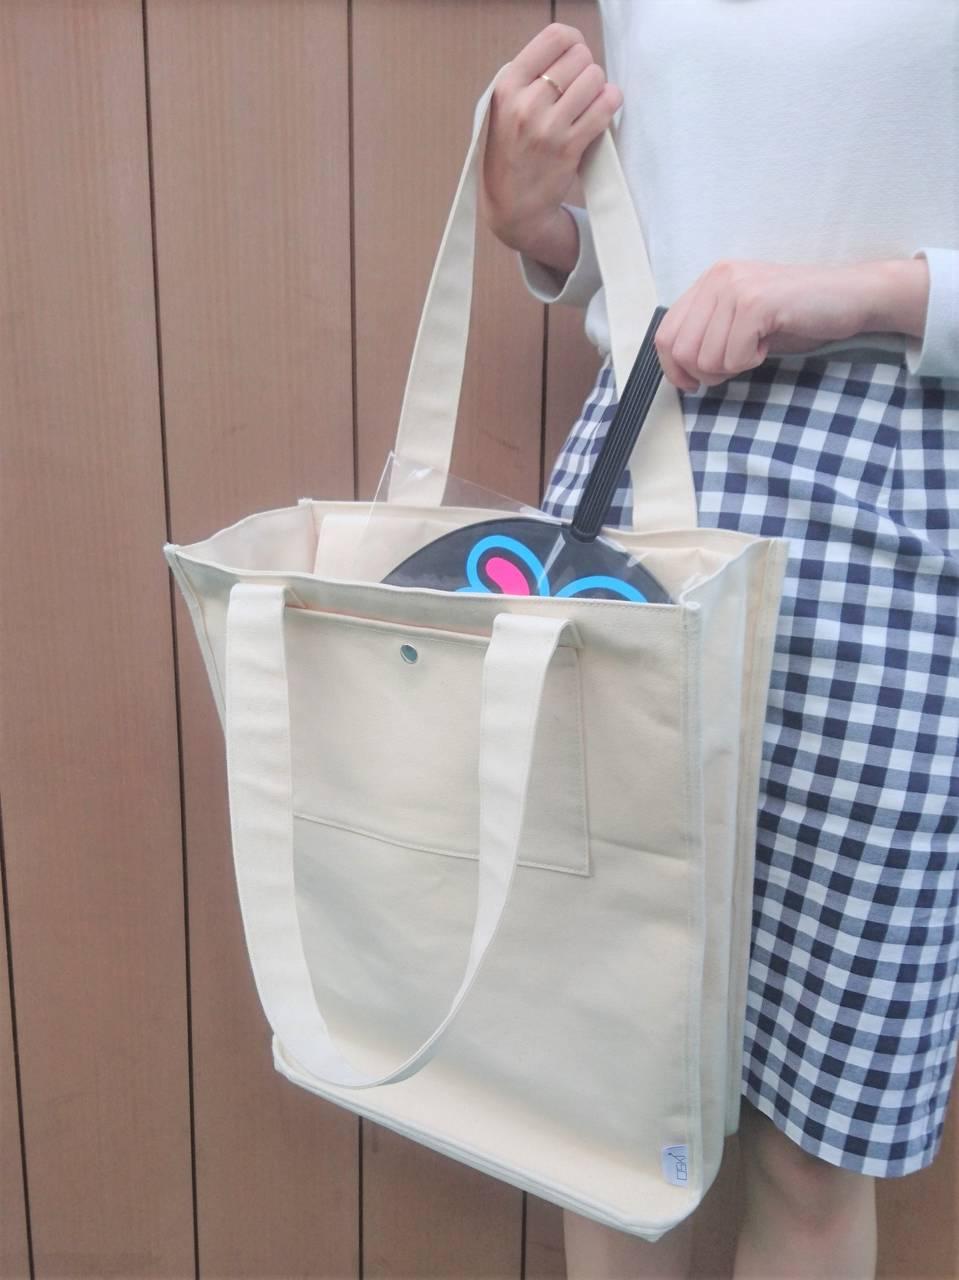 ジャンボうちわが柄まで入るエマデトートバッグ